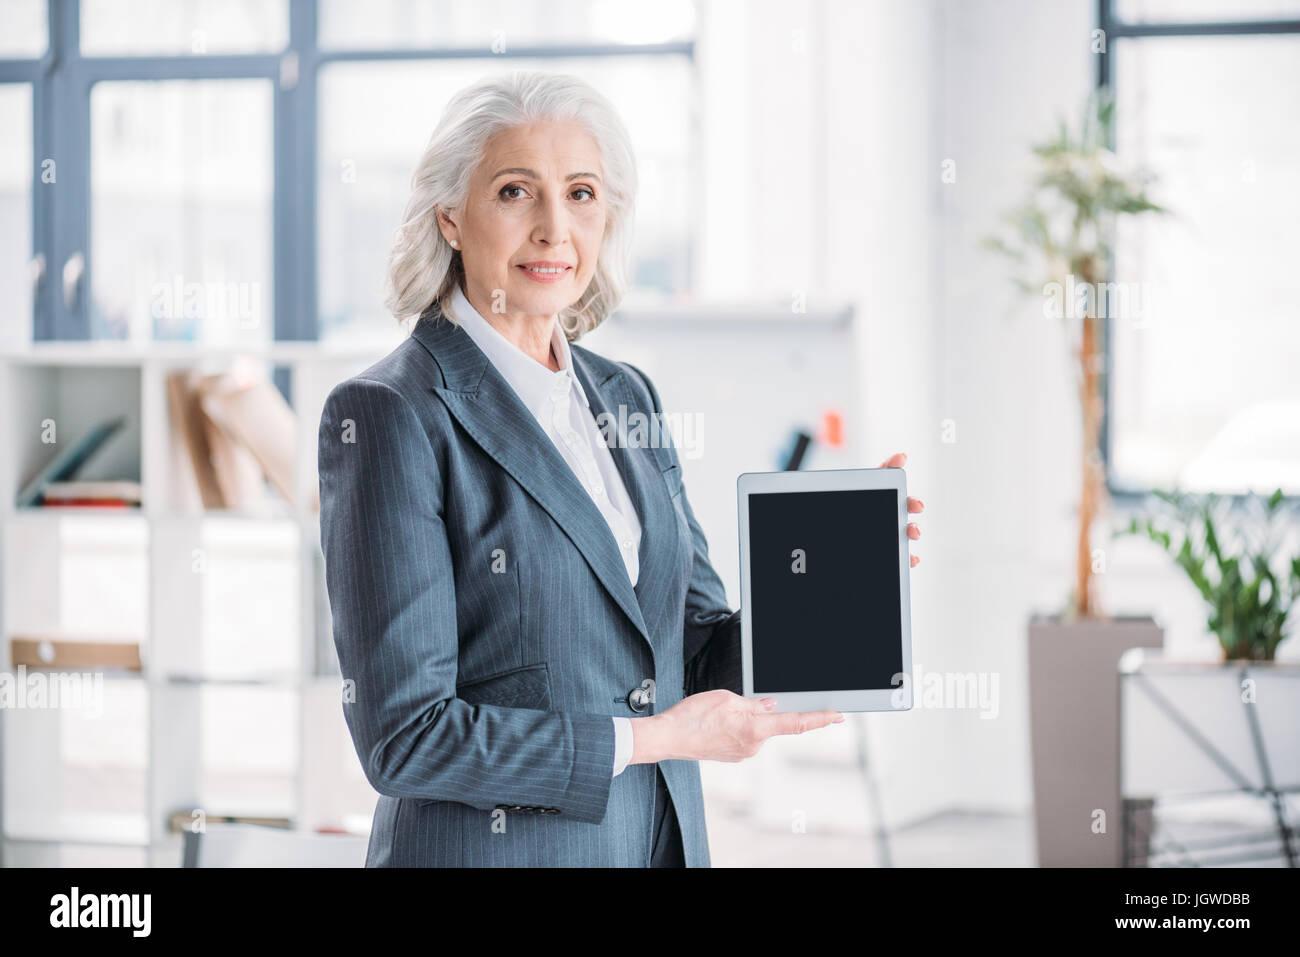 Lächelnde senior Geschäftsfrau im Büro stehen und halten digital-Tablette mit leerer Bildschirm Stockbild